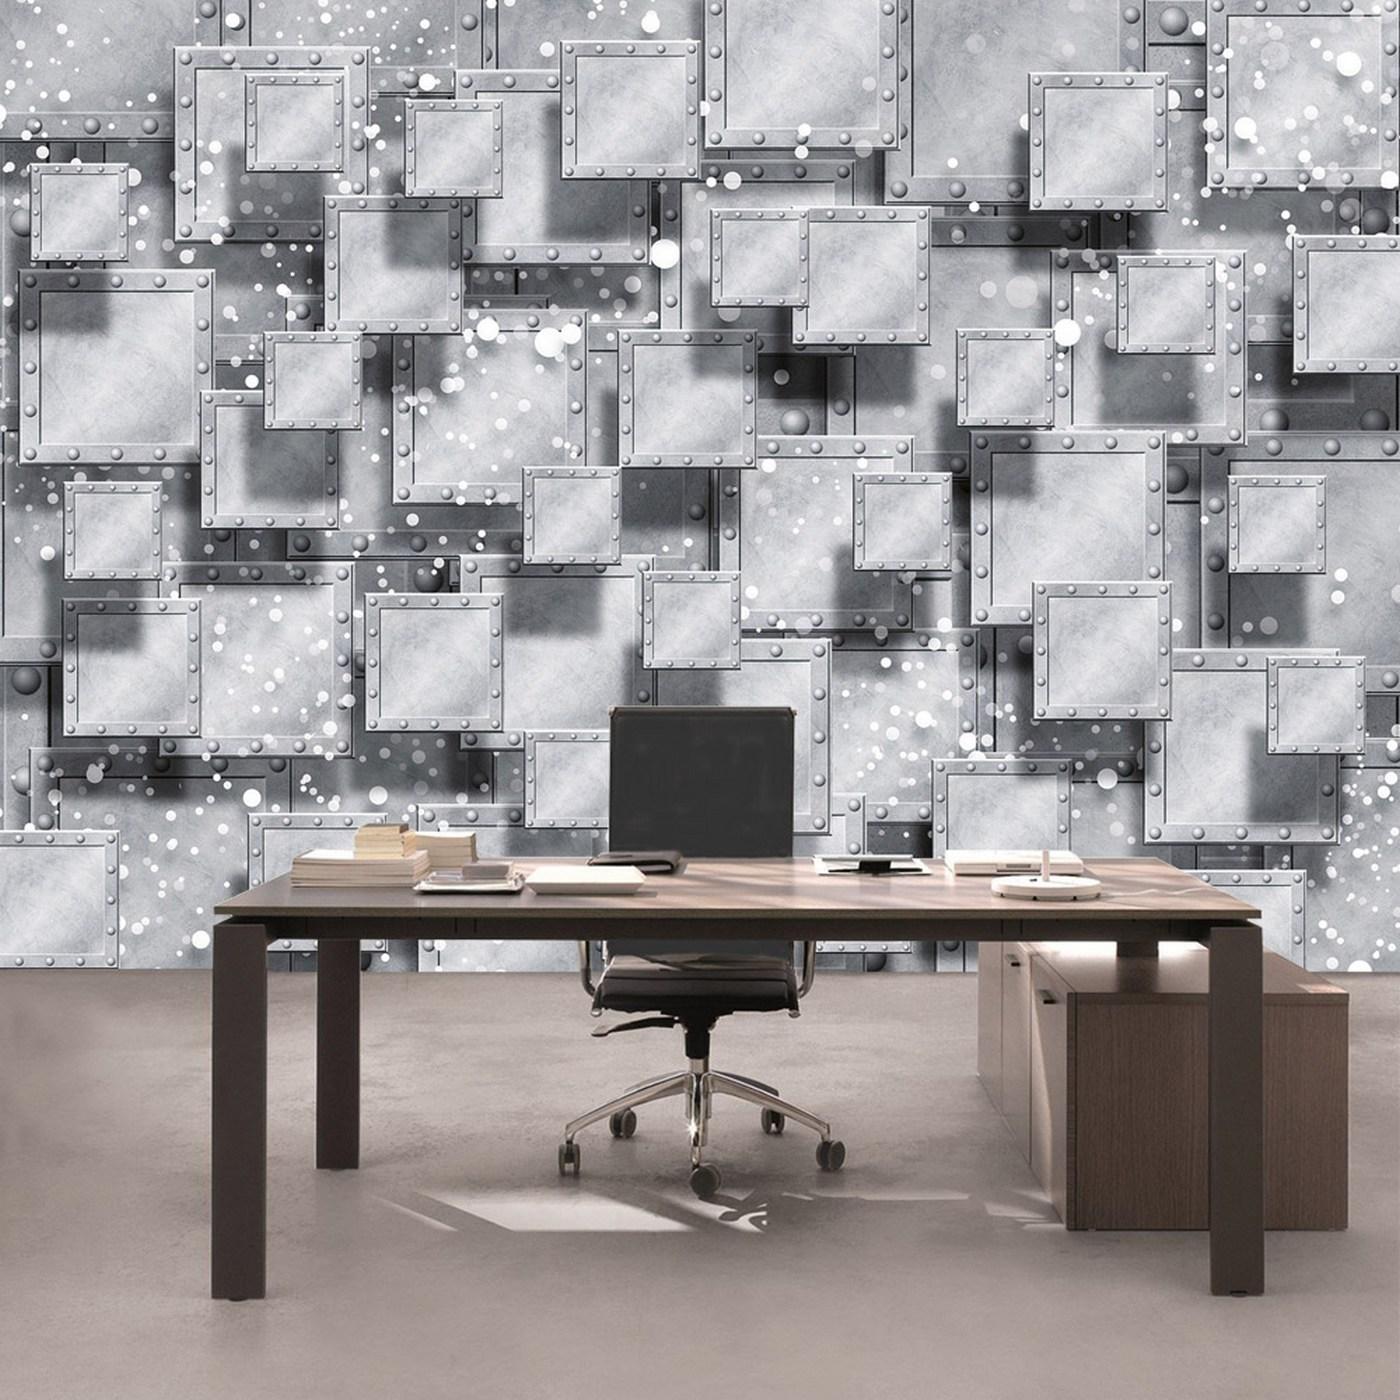 Full Size of Fototapeten Wohnzimmer Tapeten Ideen Für Küche Die Schlafzimmer Wohnzimmer 3d Tapeten